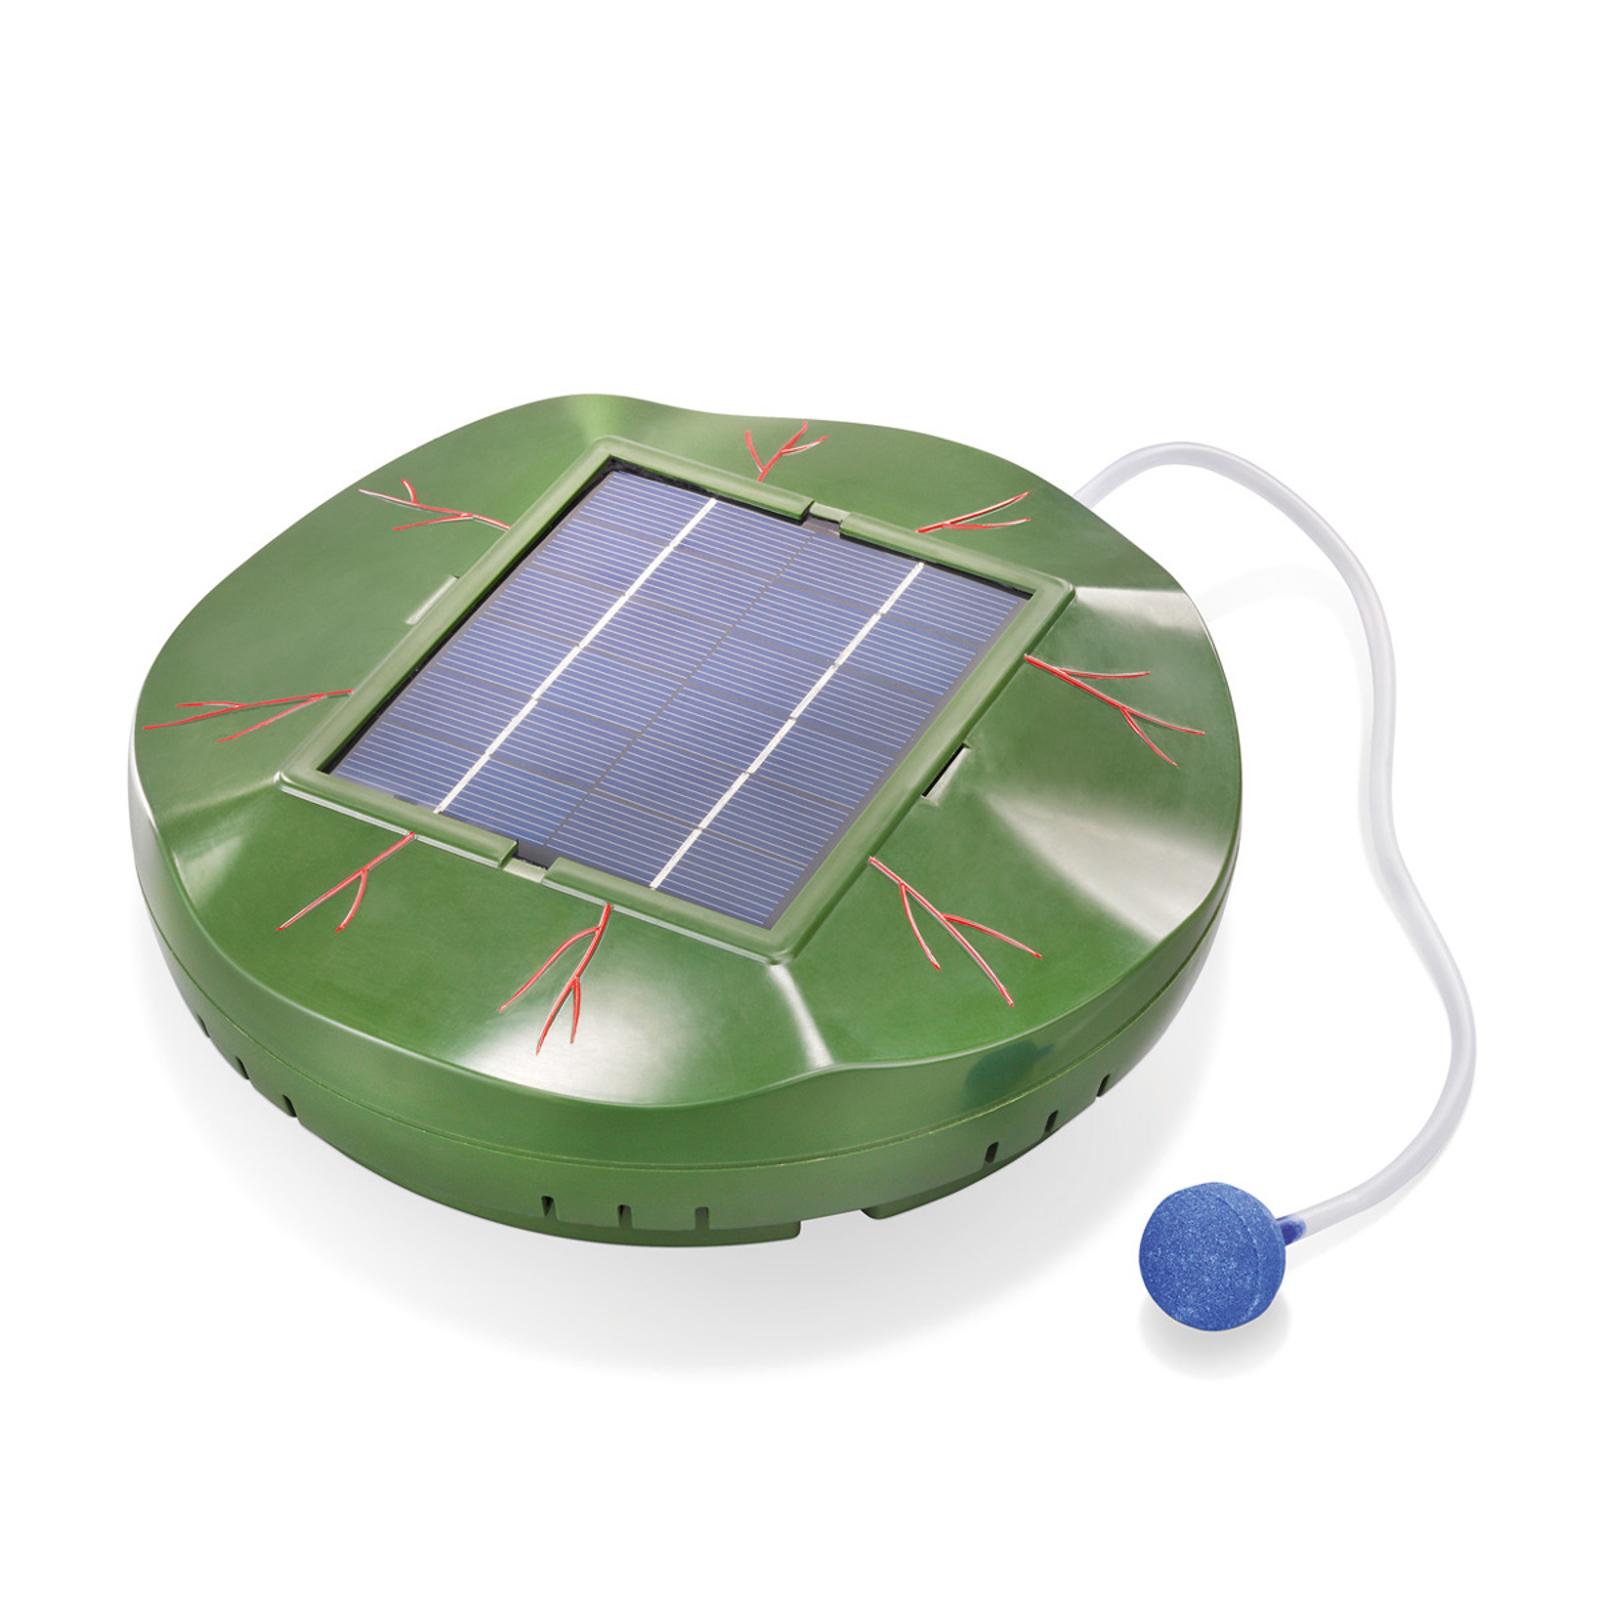 Aireador de estanques solar Floating Air